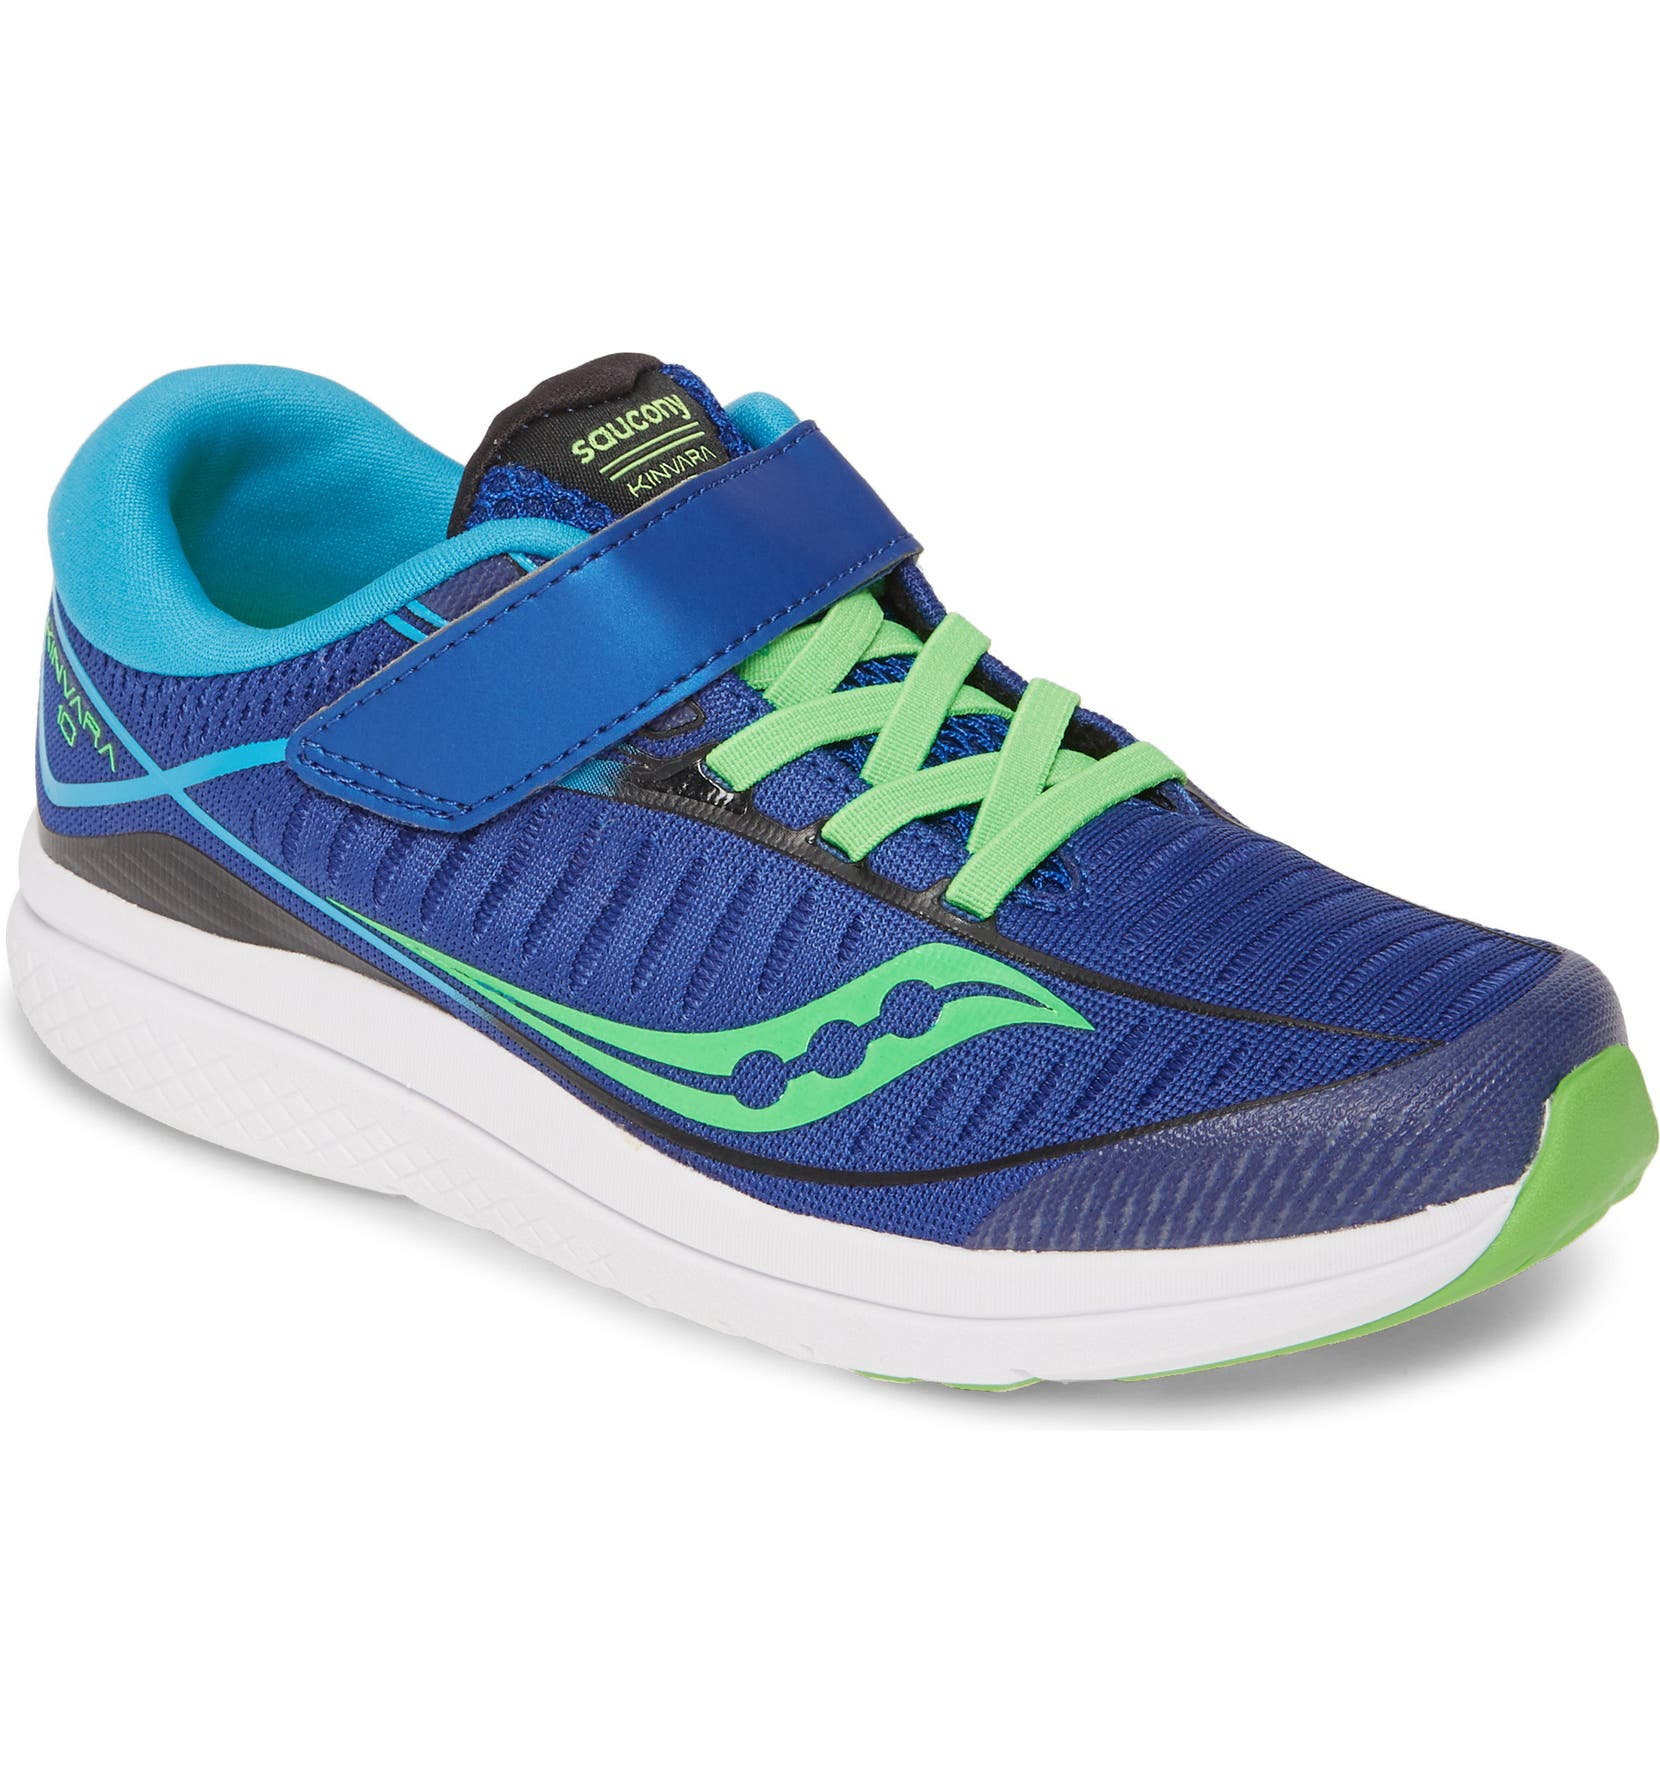 42e96cae81 Saucony Kinvara® 10 Sneaker (Toddler & Little Kid) | Nordstrom